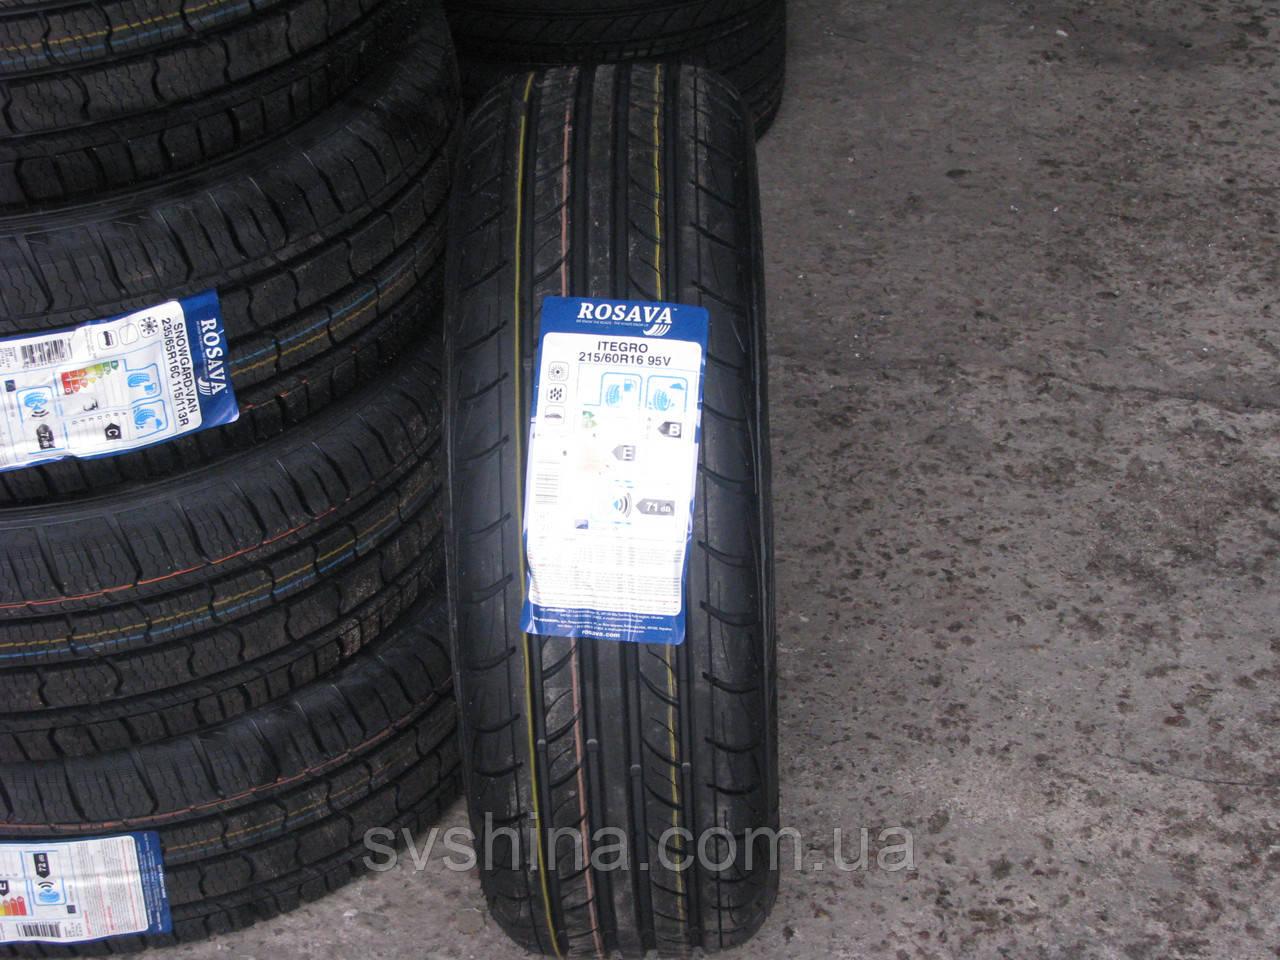 Літні шини 215/60R16 Росава ITEGRO, 95V